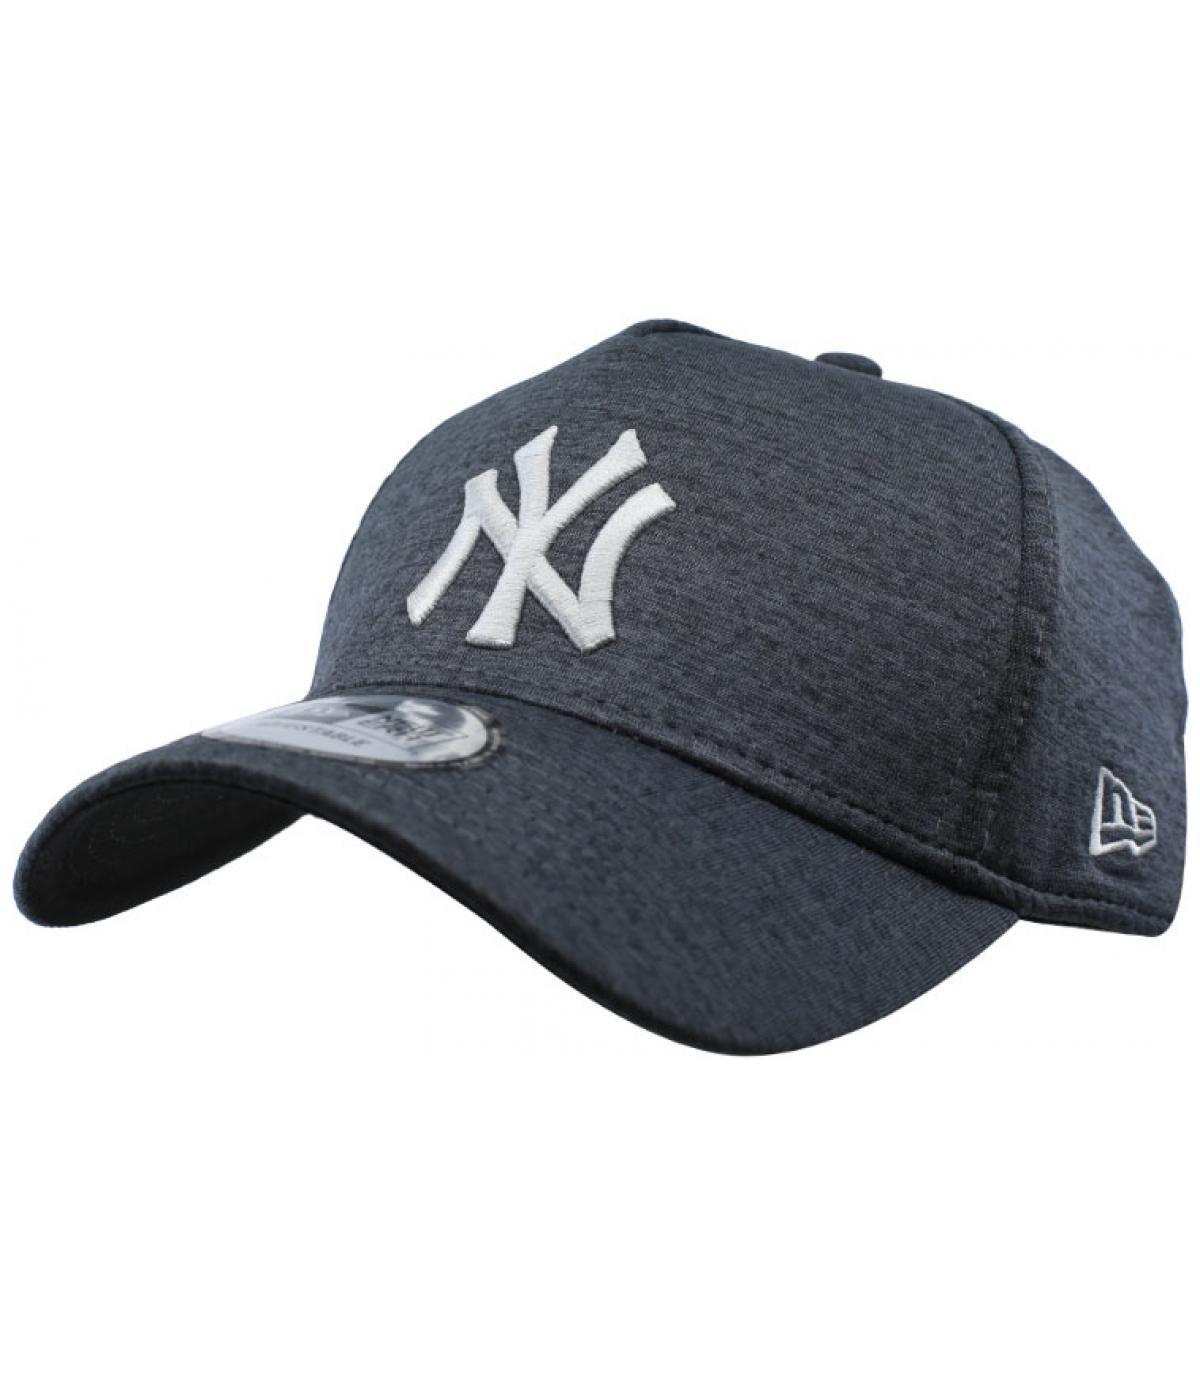 Dettagli NY Dryswitch Jersey A Frame black gray - image 2